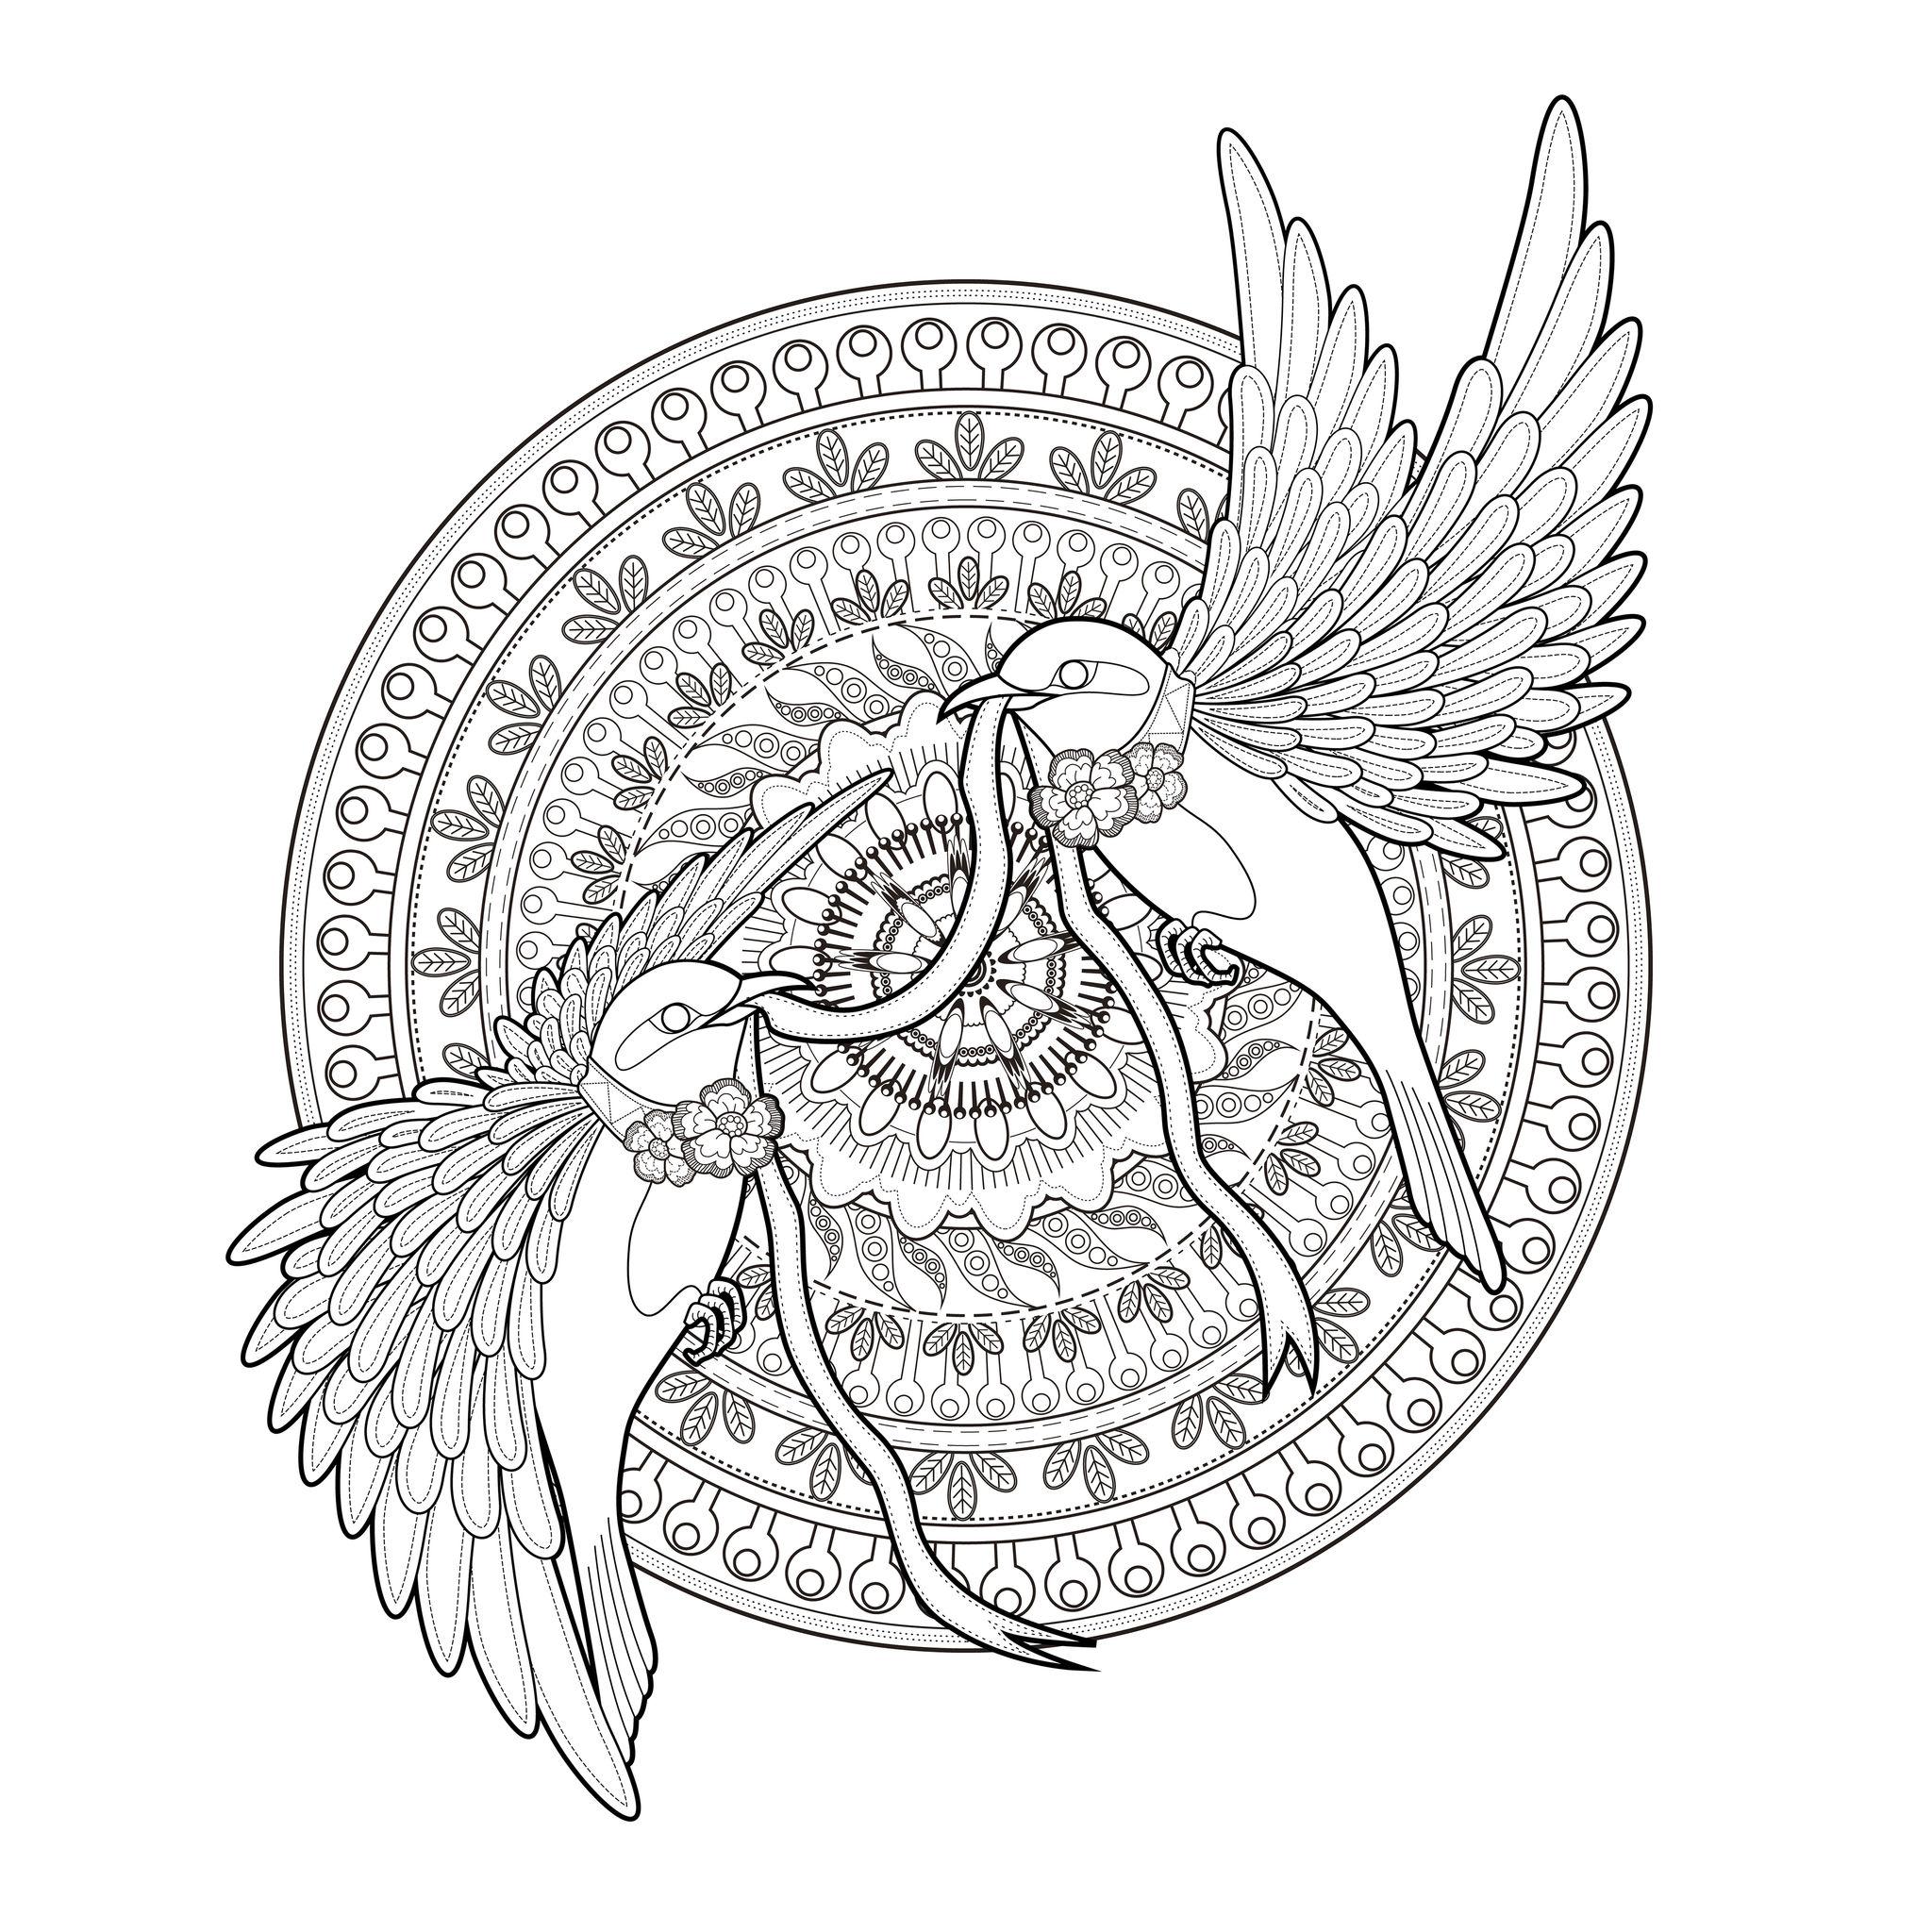 Mandala deux hirondelles et un ruban oiseaux coloriages difficiles pour adultes - Mandala adulte ...